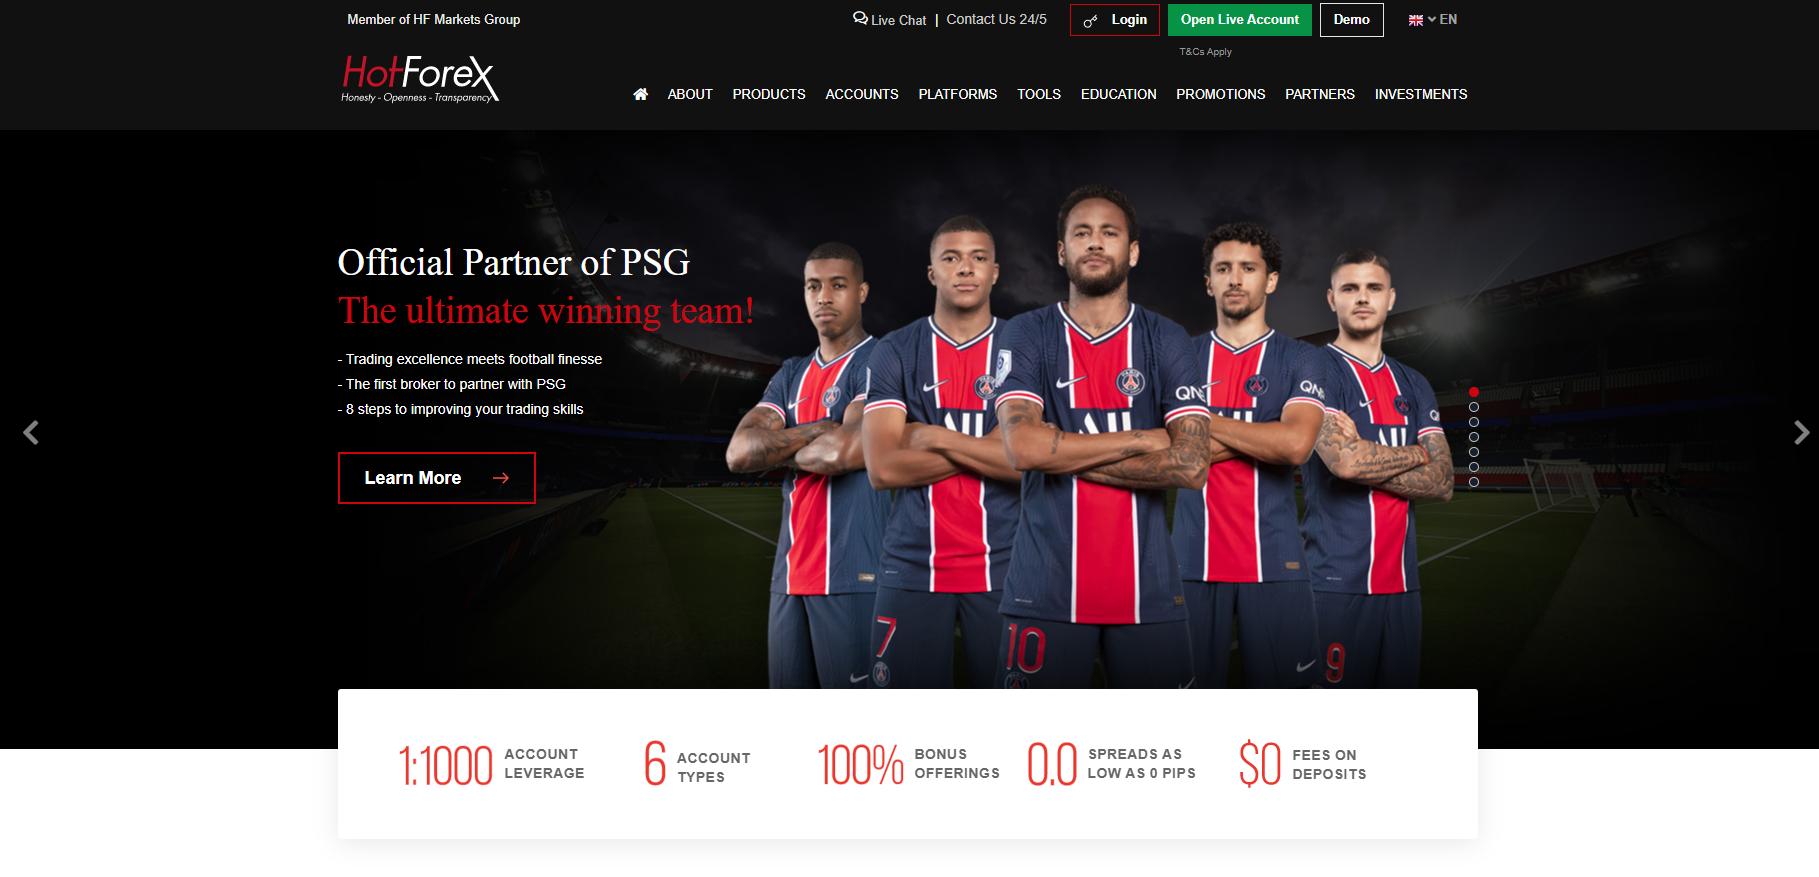 Official website of HotForex